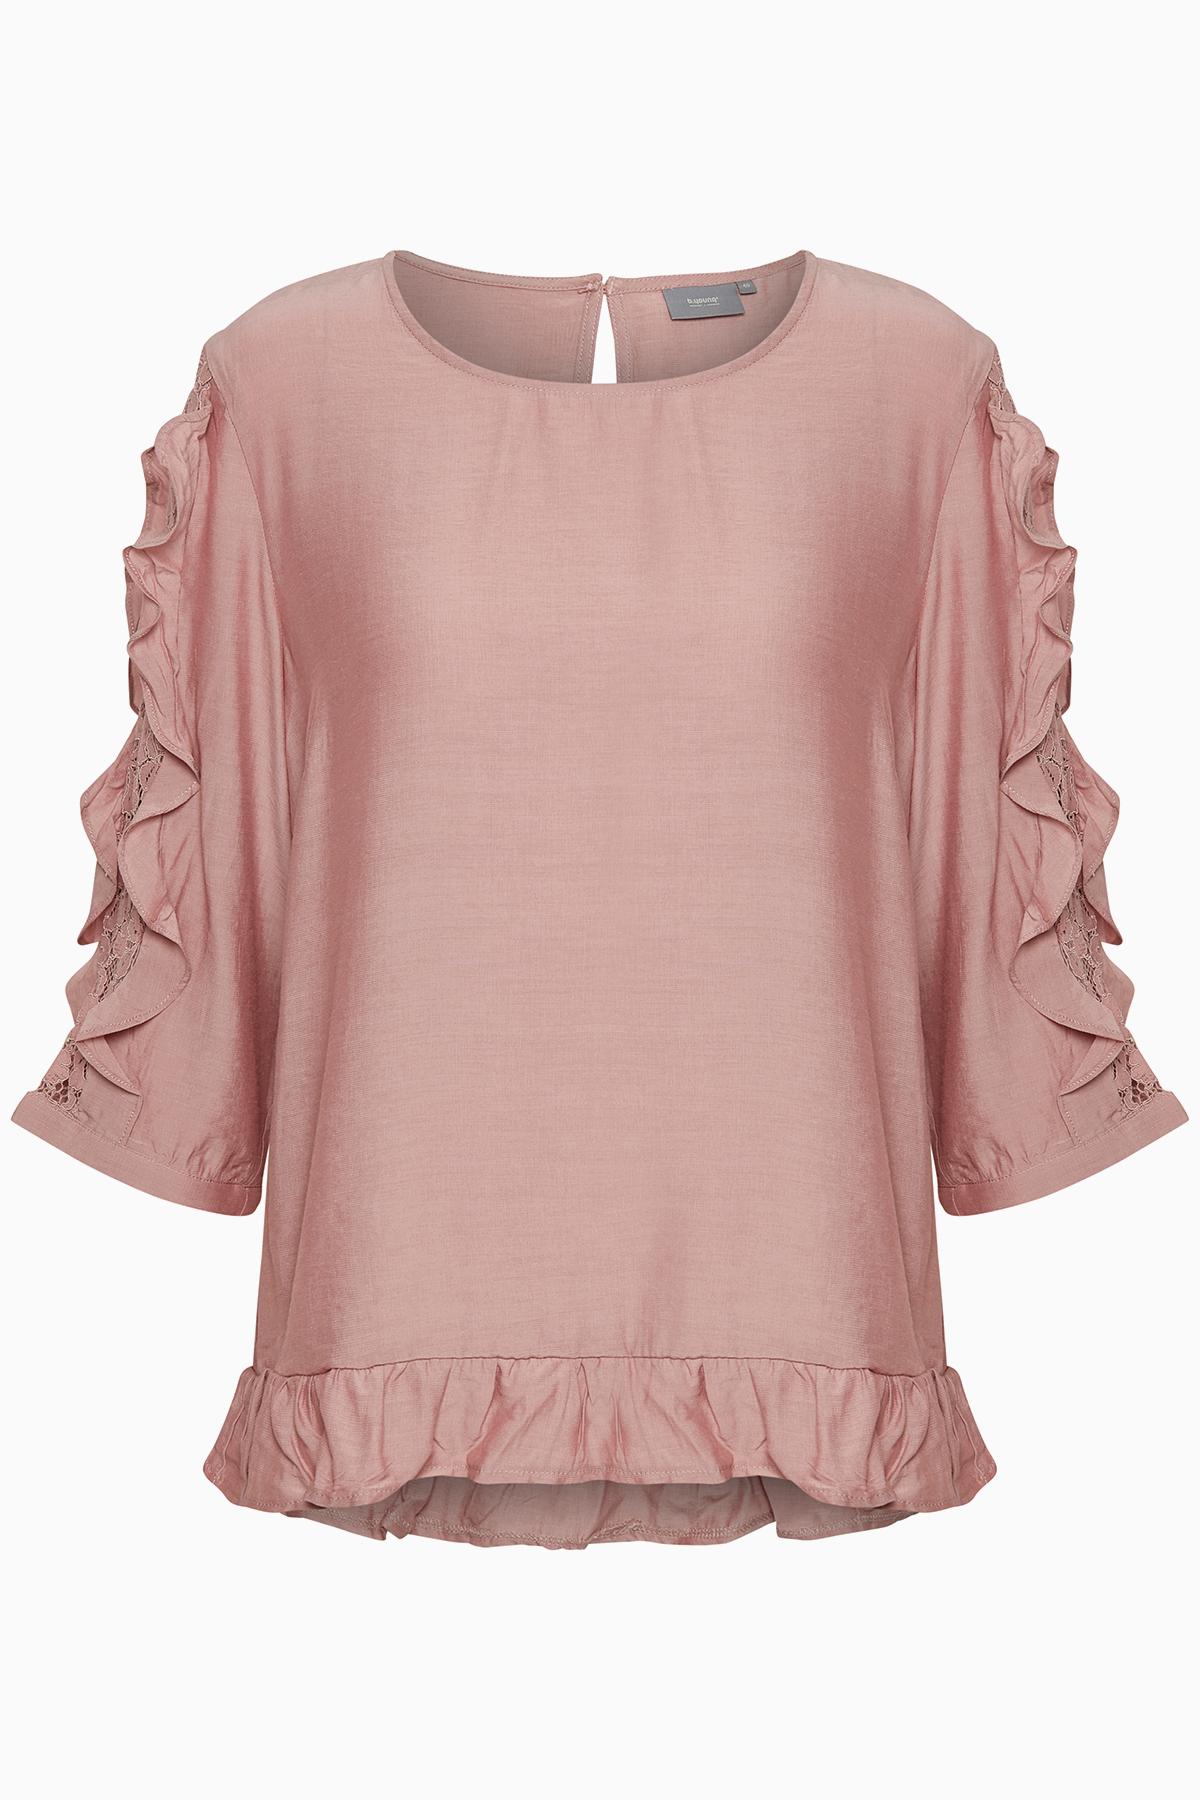 Woodrose Langærmet bluse fra b.young – Køb Woodrose Langærmet bluse fra str. 34-46 her